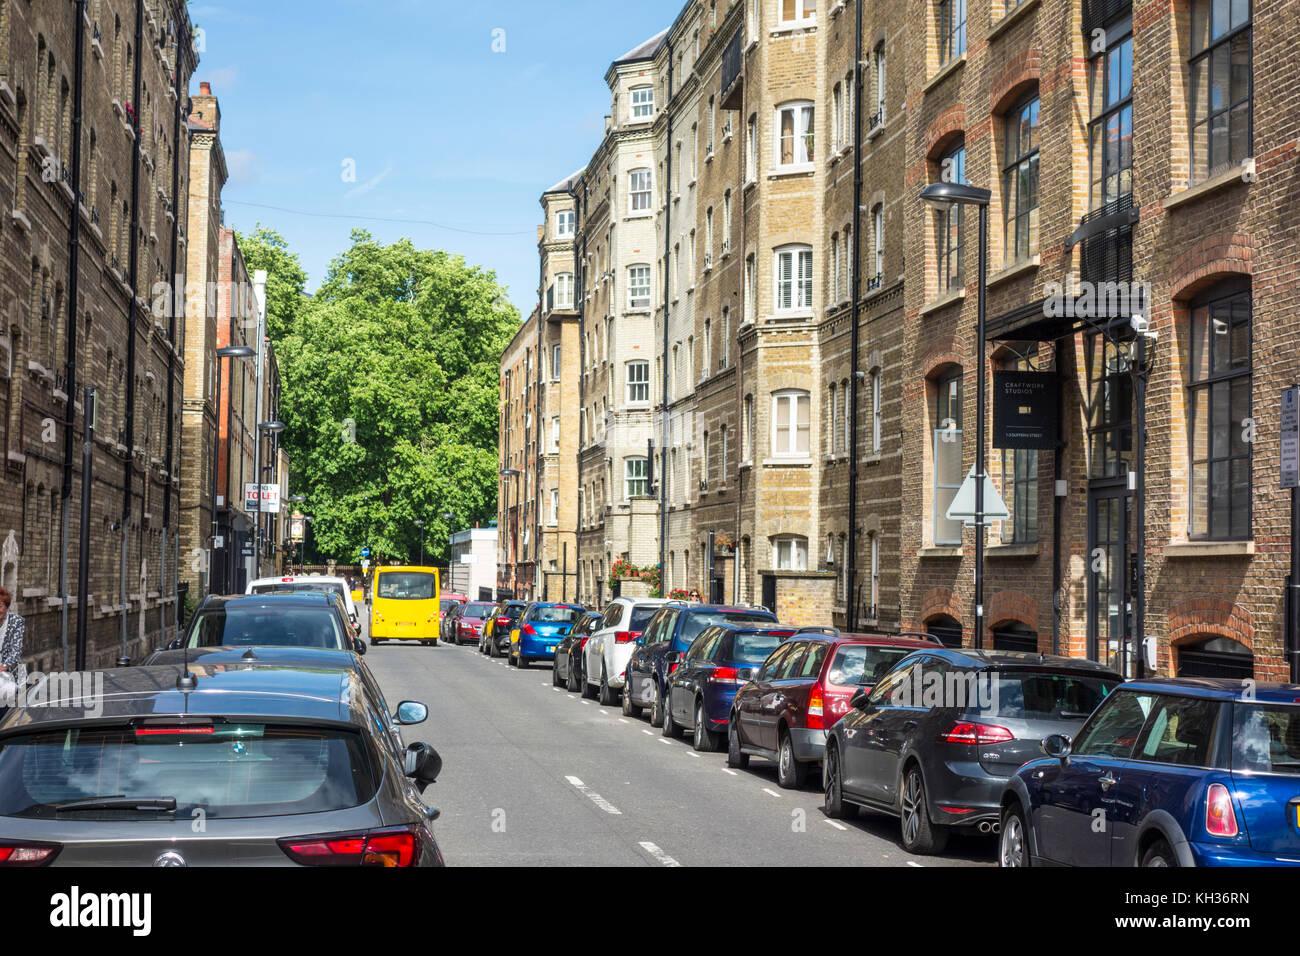 Blick auf Autos auf Dufferin Street geparkt, City of London, Großbritannien Stockbild